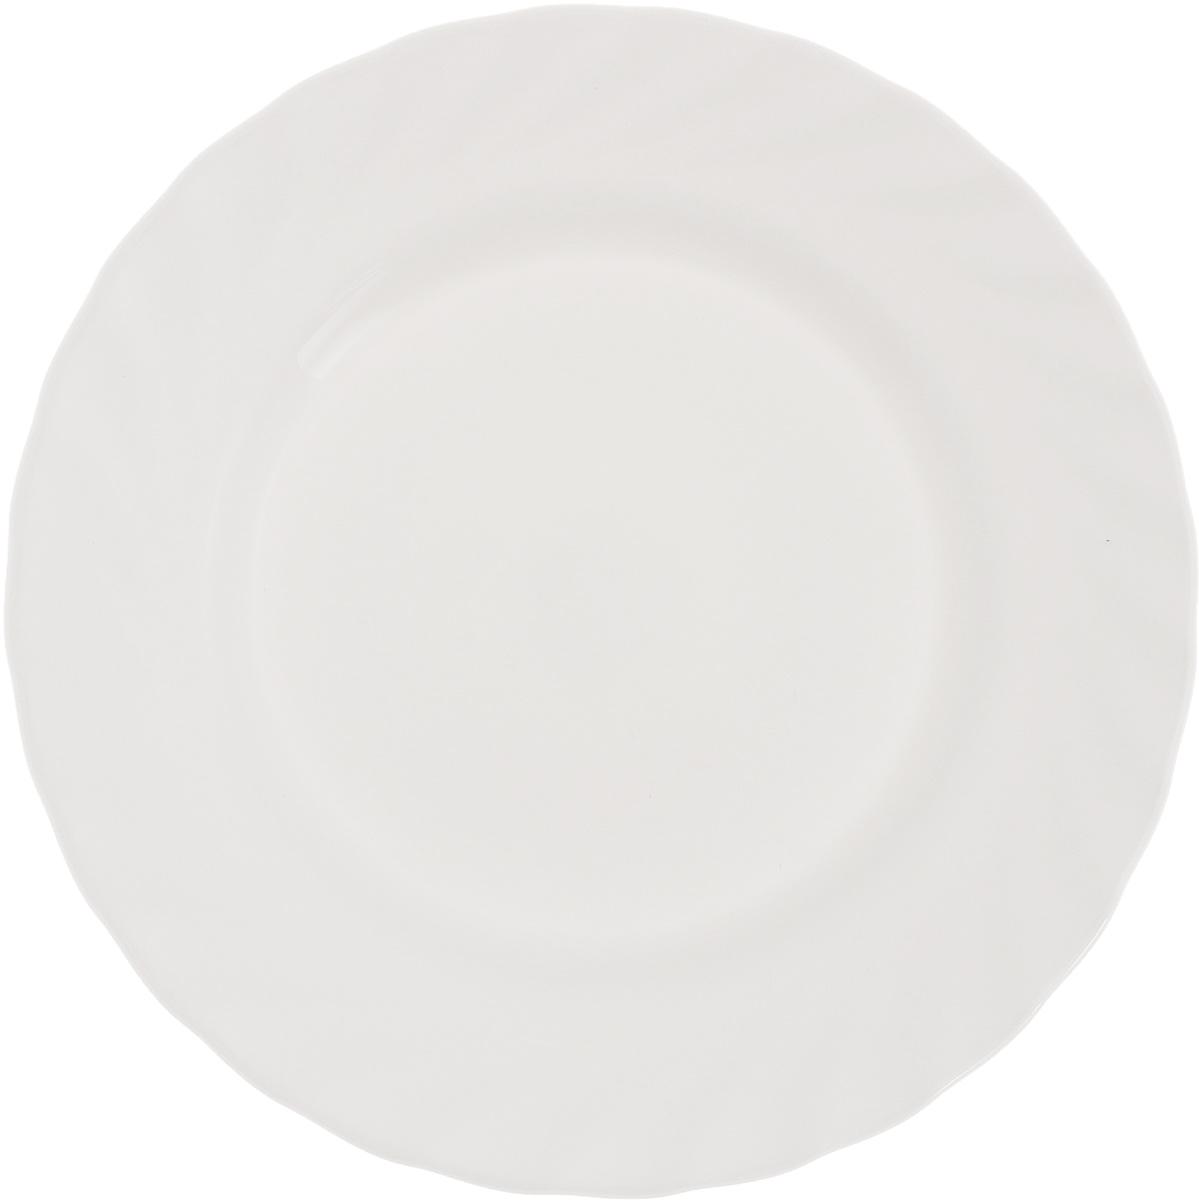 Тарелка десертная Luminarc Trianon, диаметр 19,5 см54 009312Десертная тарелка Luminarc Trianon, изготовленная из ударопрочного стекла, имеет изысканный внешний вид. Такая тарелка прекрасно подходит как для торжественных случаев, так и для повседневного использования. Идеальна для подачи десертов, пирожных, тортов и многого другого. Она прекрасно оформит стол и станет отличным дополнением к вашей коллекции кухонной посуды. Диаметр тарелки (по верхнему краю): 19,5 см. Высота тарелки: 1,7 см.